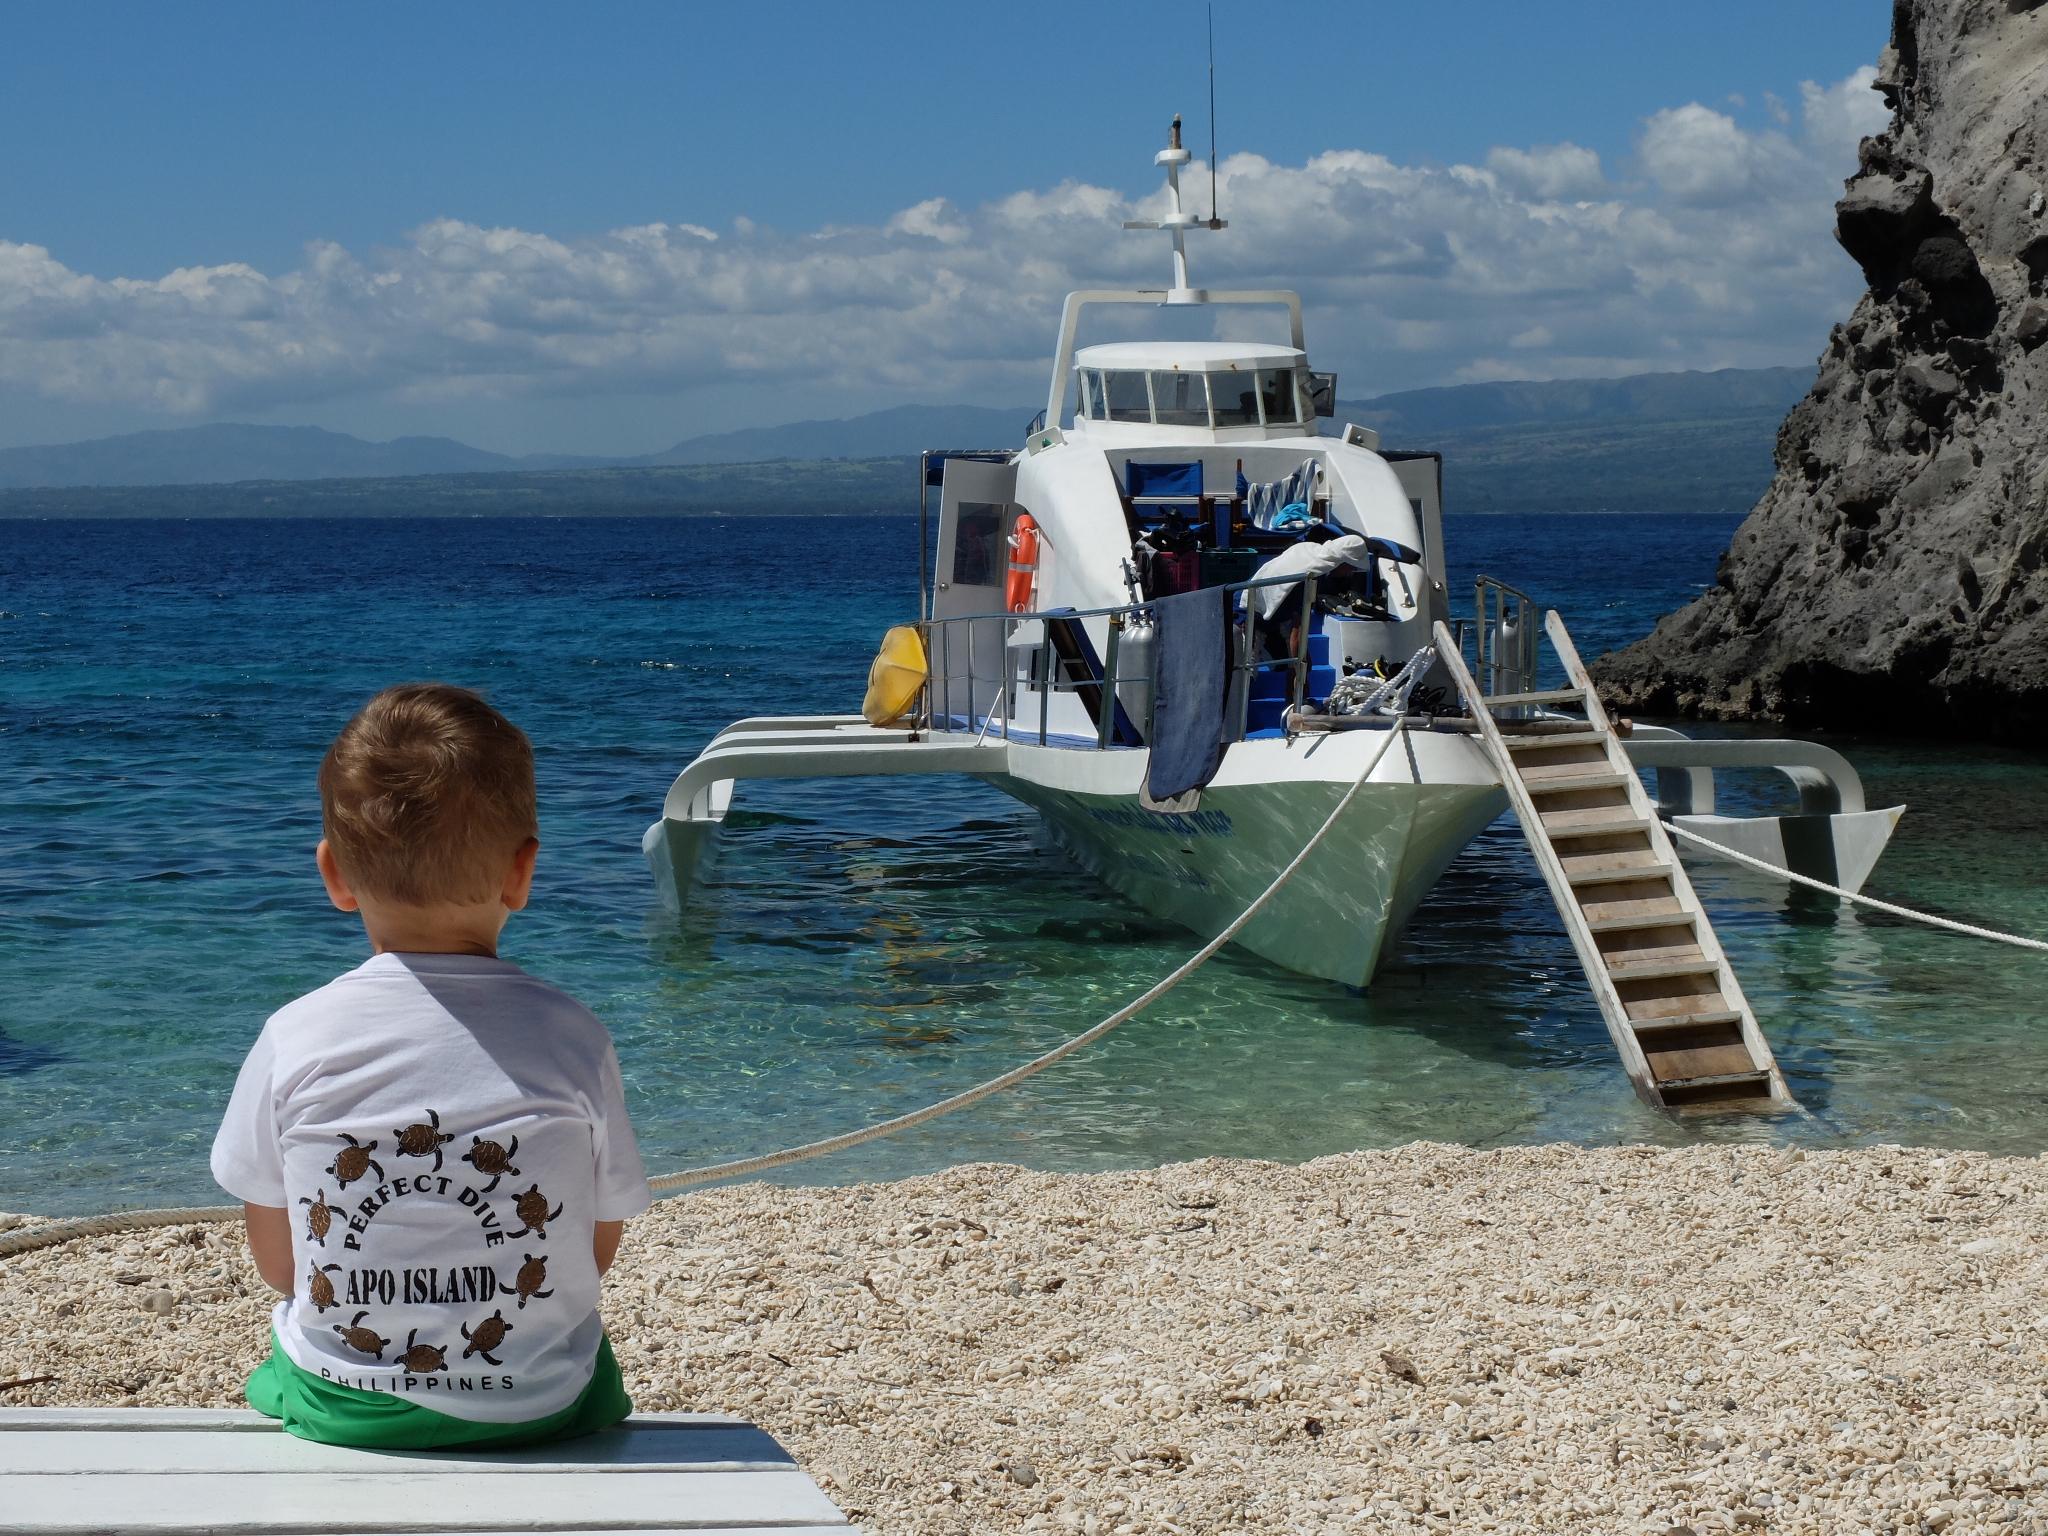 Nasza łódź przycumowana przy Apo